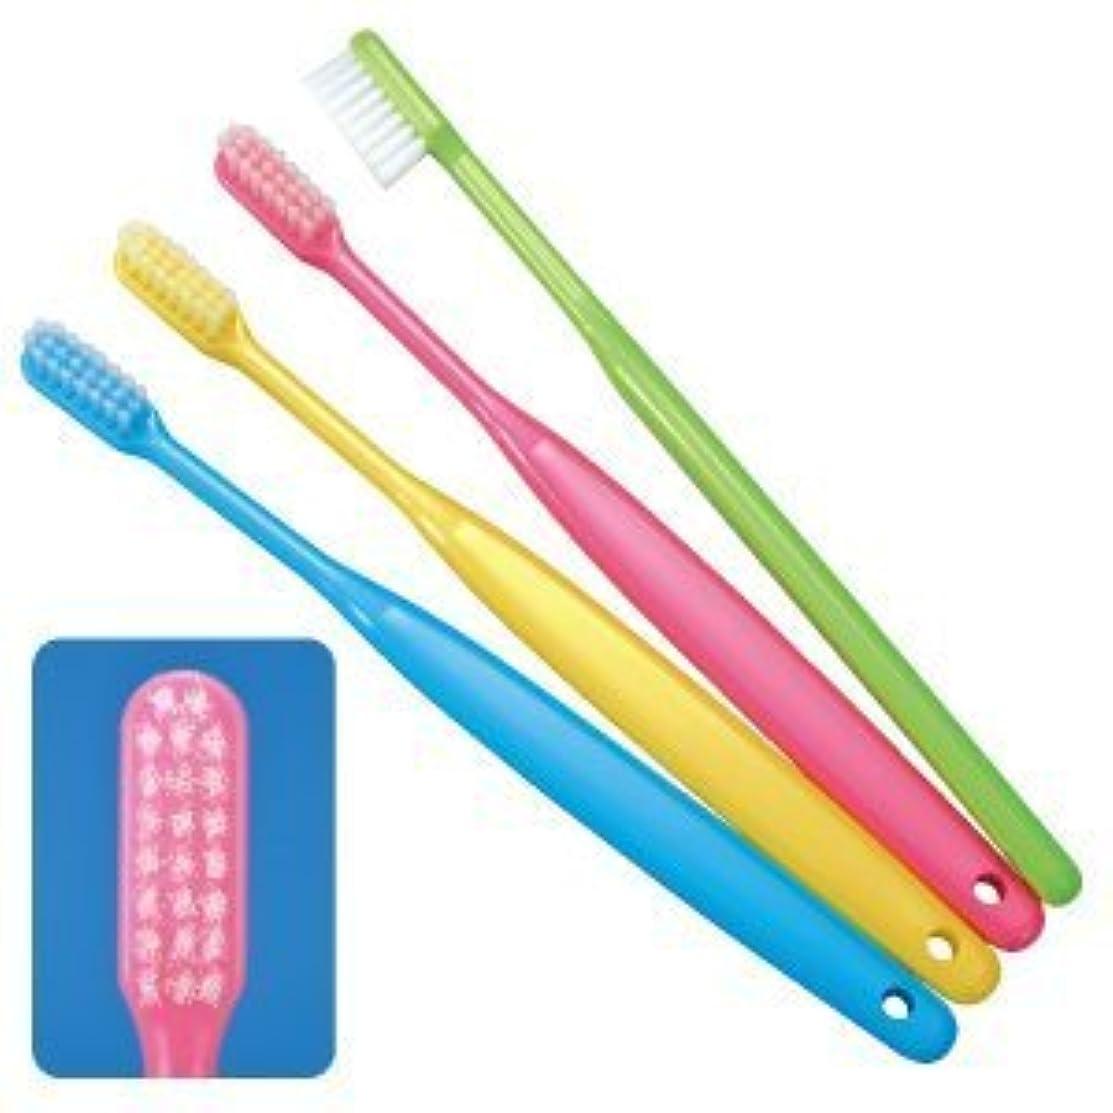 クラスクール遊びますCi バリュー歯ブラシ Mふつう ピンク 50本入り